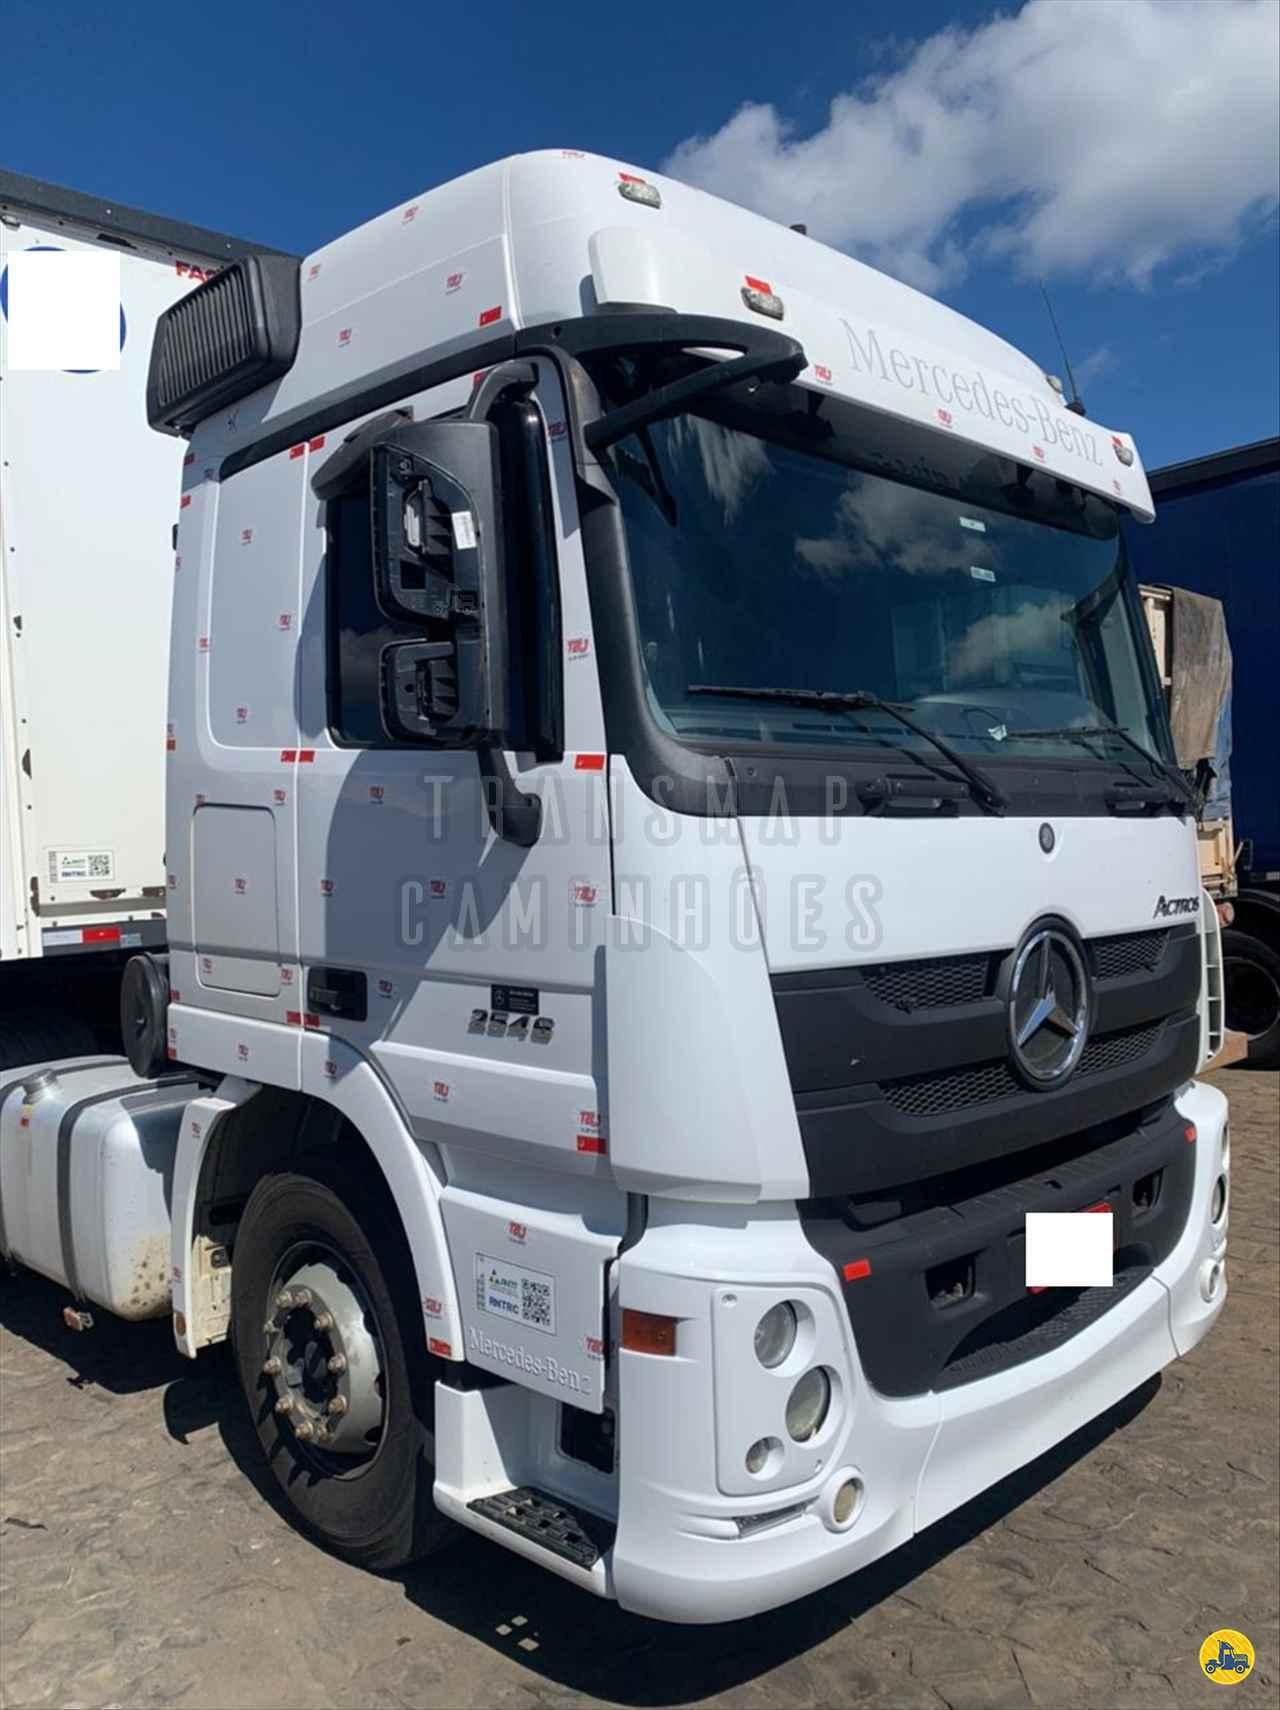 CAMINHAO MERCEDES-BENZ MB 2546 Cavalo Mecânico Truck 6x2 Transmap Caminhões SANTA ROSA RIO GRANDE DO SUL RS